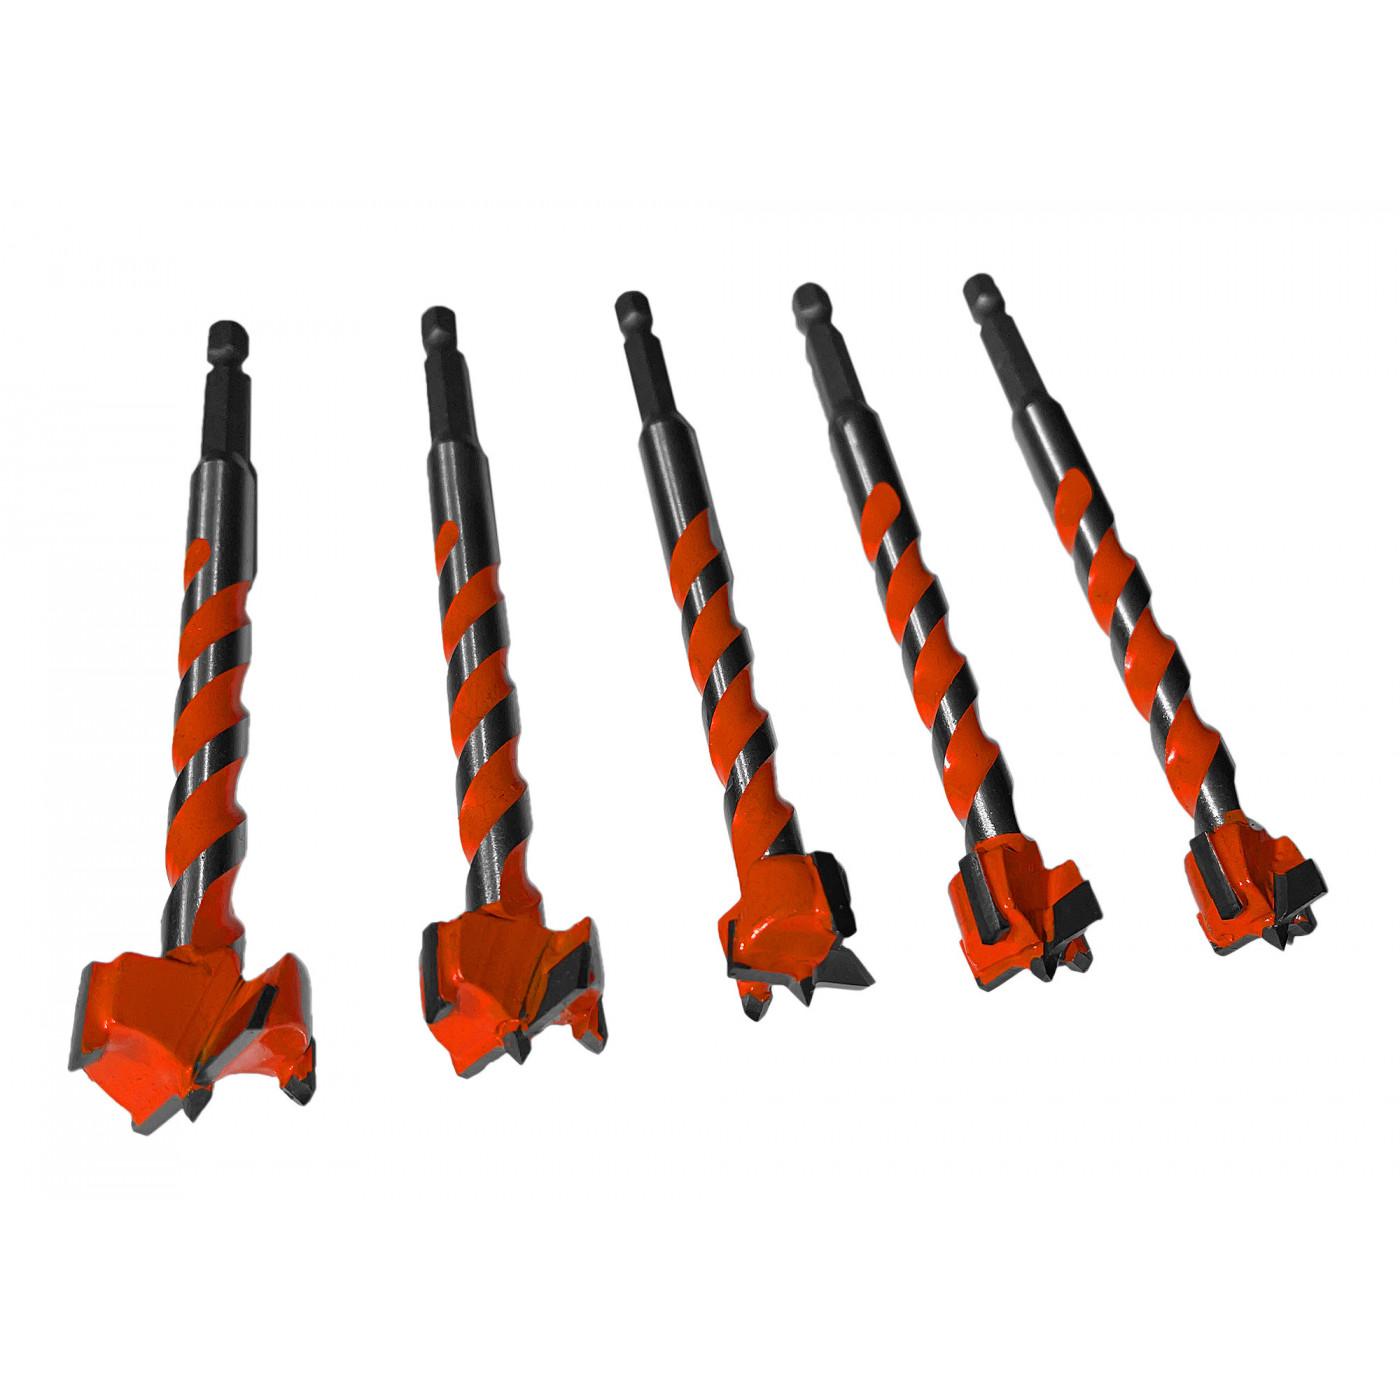 Jeu de 5 scies cloches pour forets TCT, Forstner (16-25 mm de